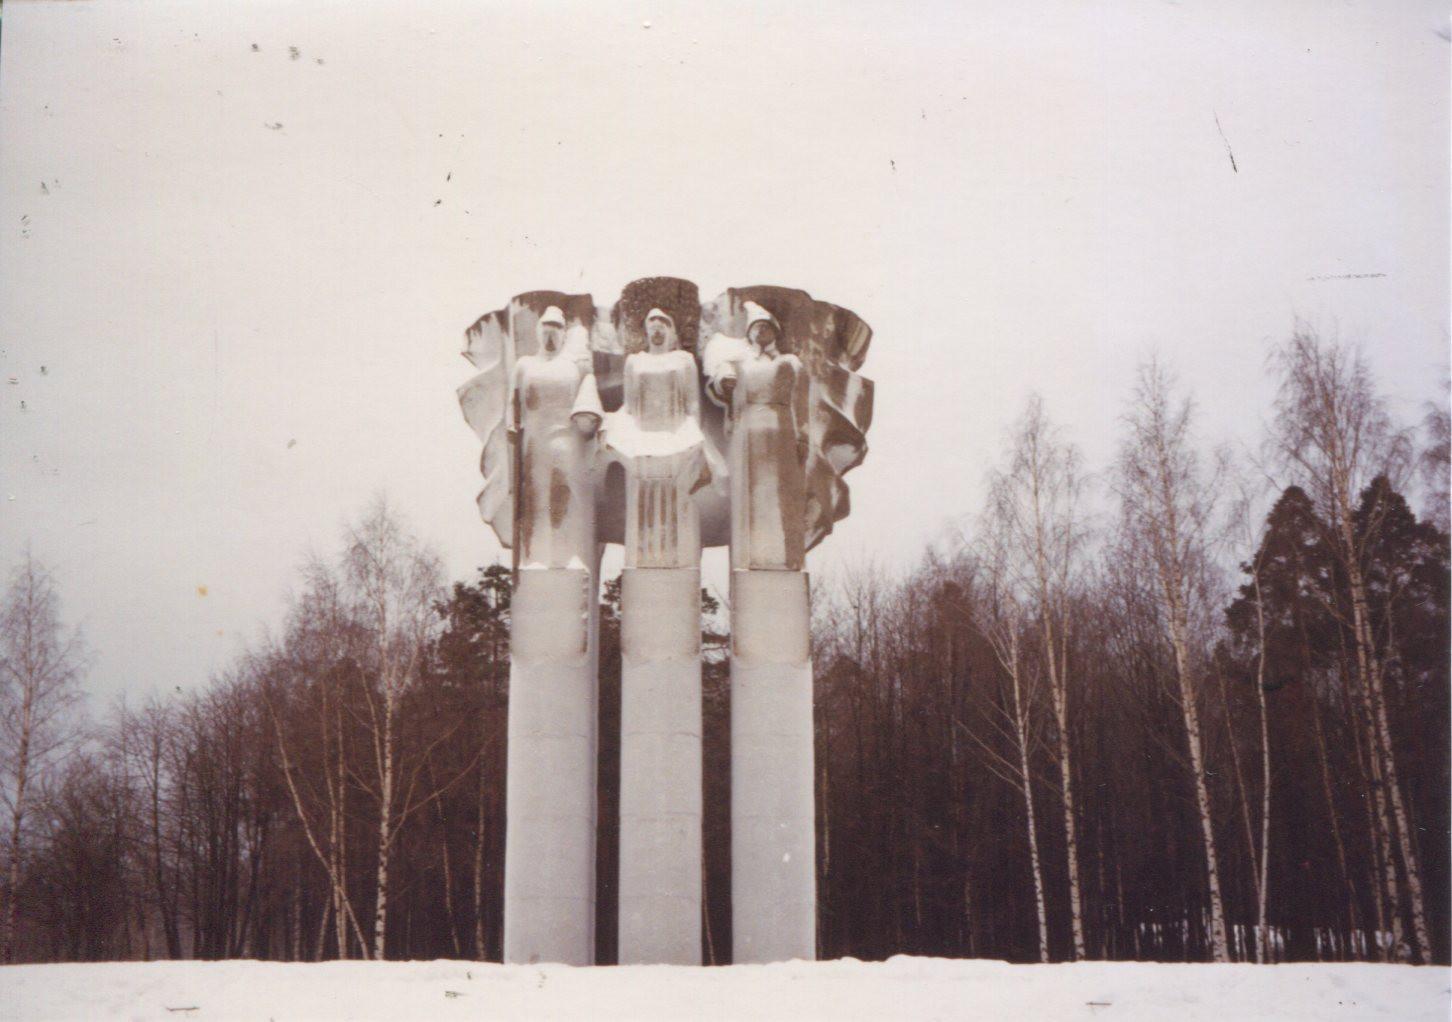 KorolevTrip1994_008.jpg